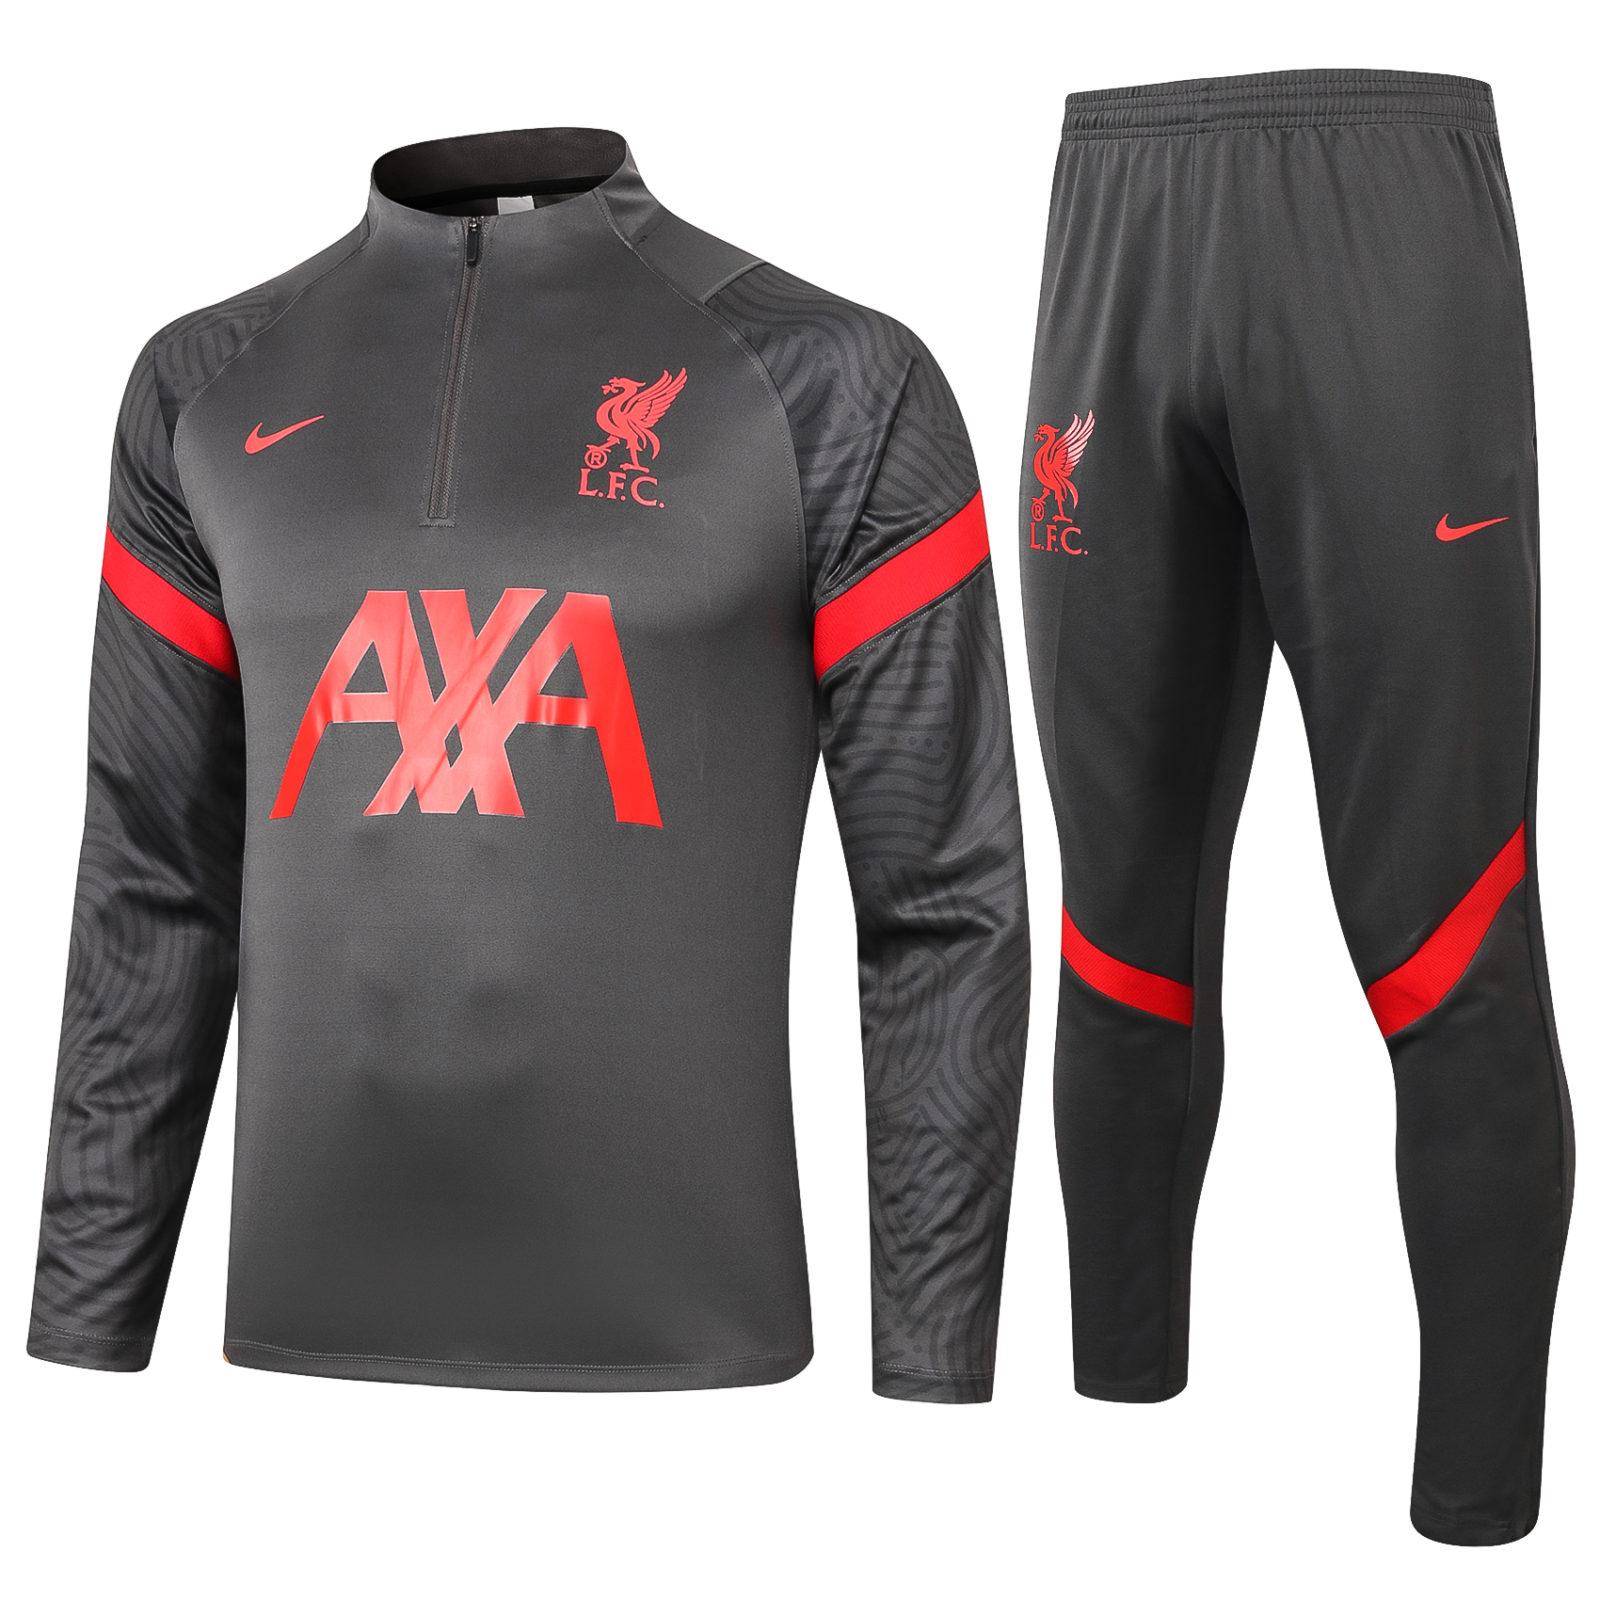 Спортивный костюм Ливерпуля сезон 2020-2021 арт.56005 с красными вставками